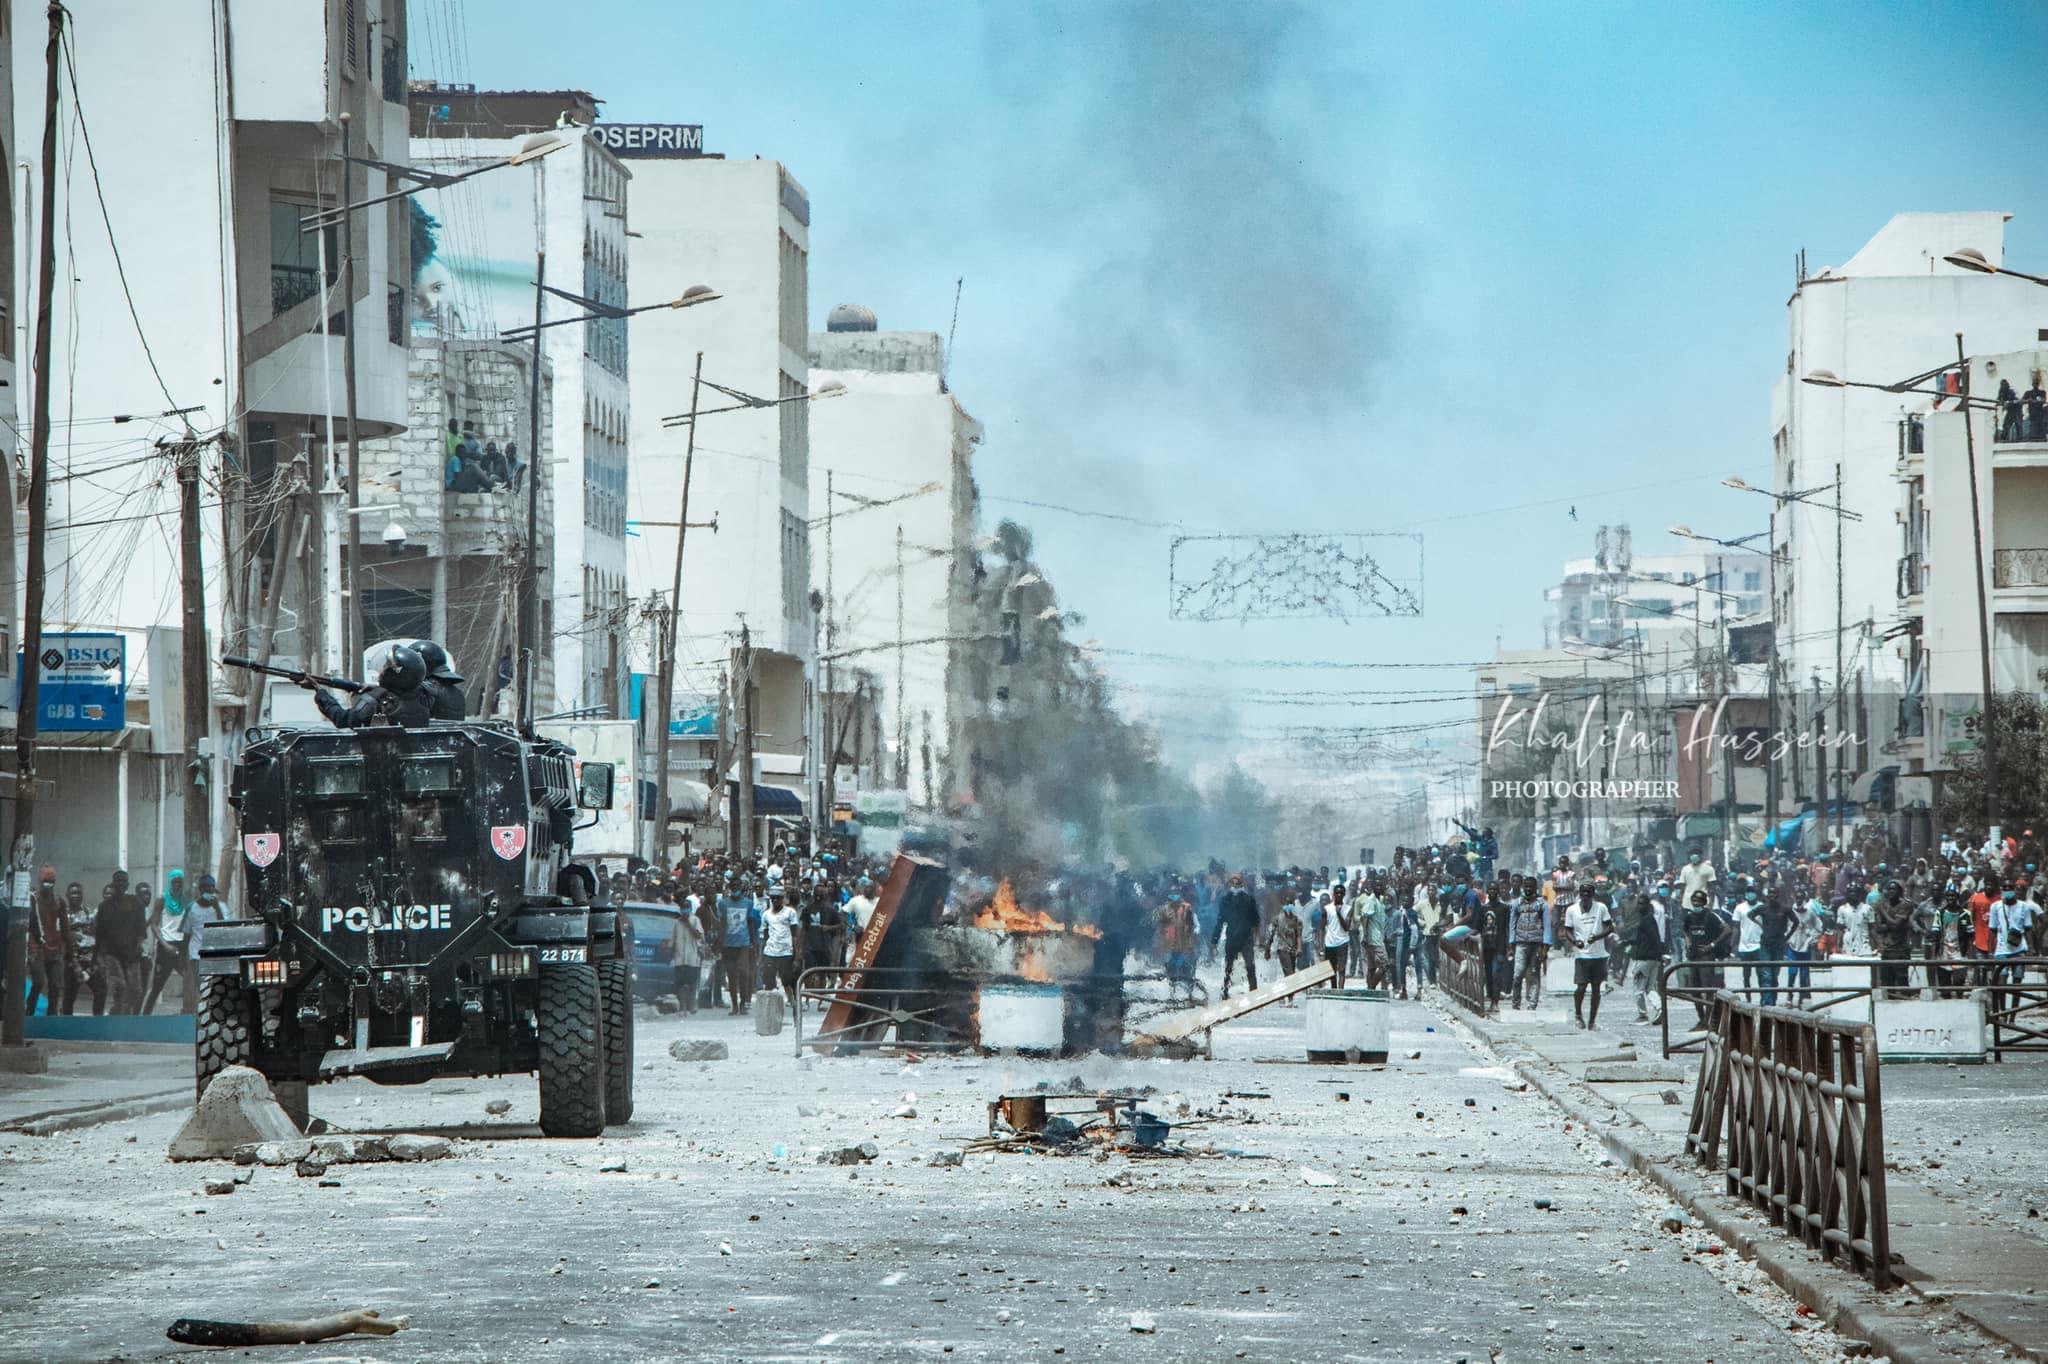 Manifestations : Les représentations diplomatiques au Sénégal appellent au calme et déplorent les scènes de violence ayant occasionné des morts.